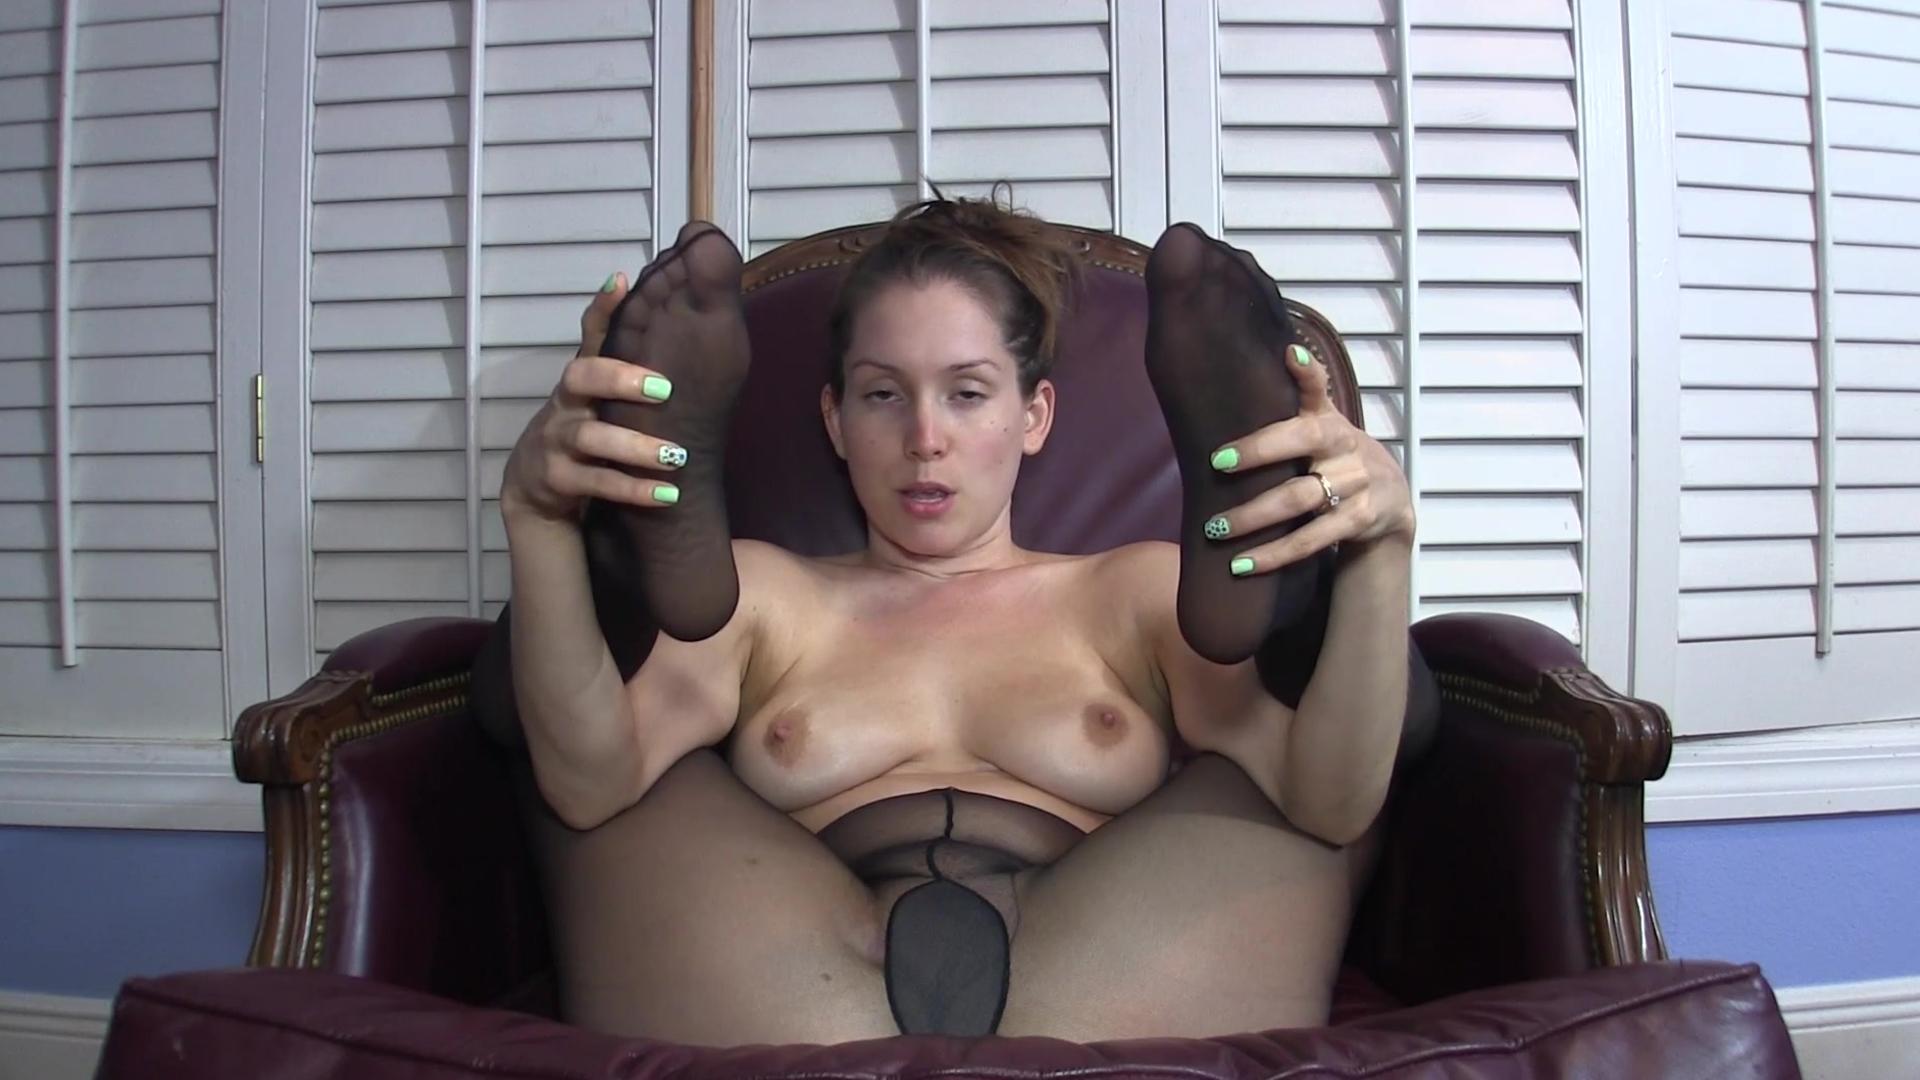 Смотреть онлайн мастурбация колготки 22 фотография